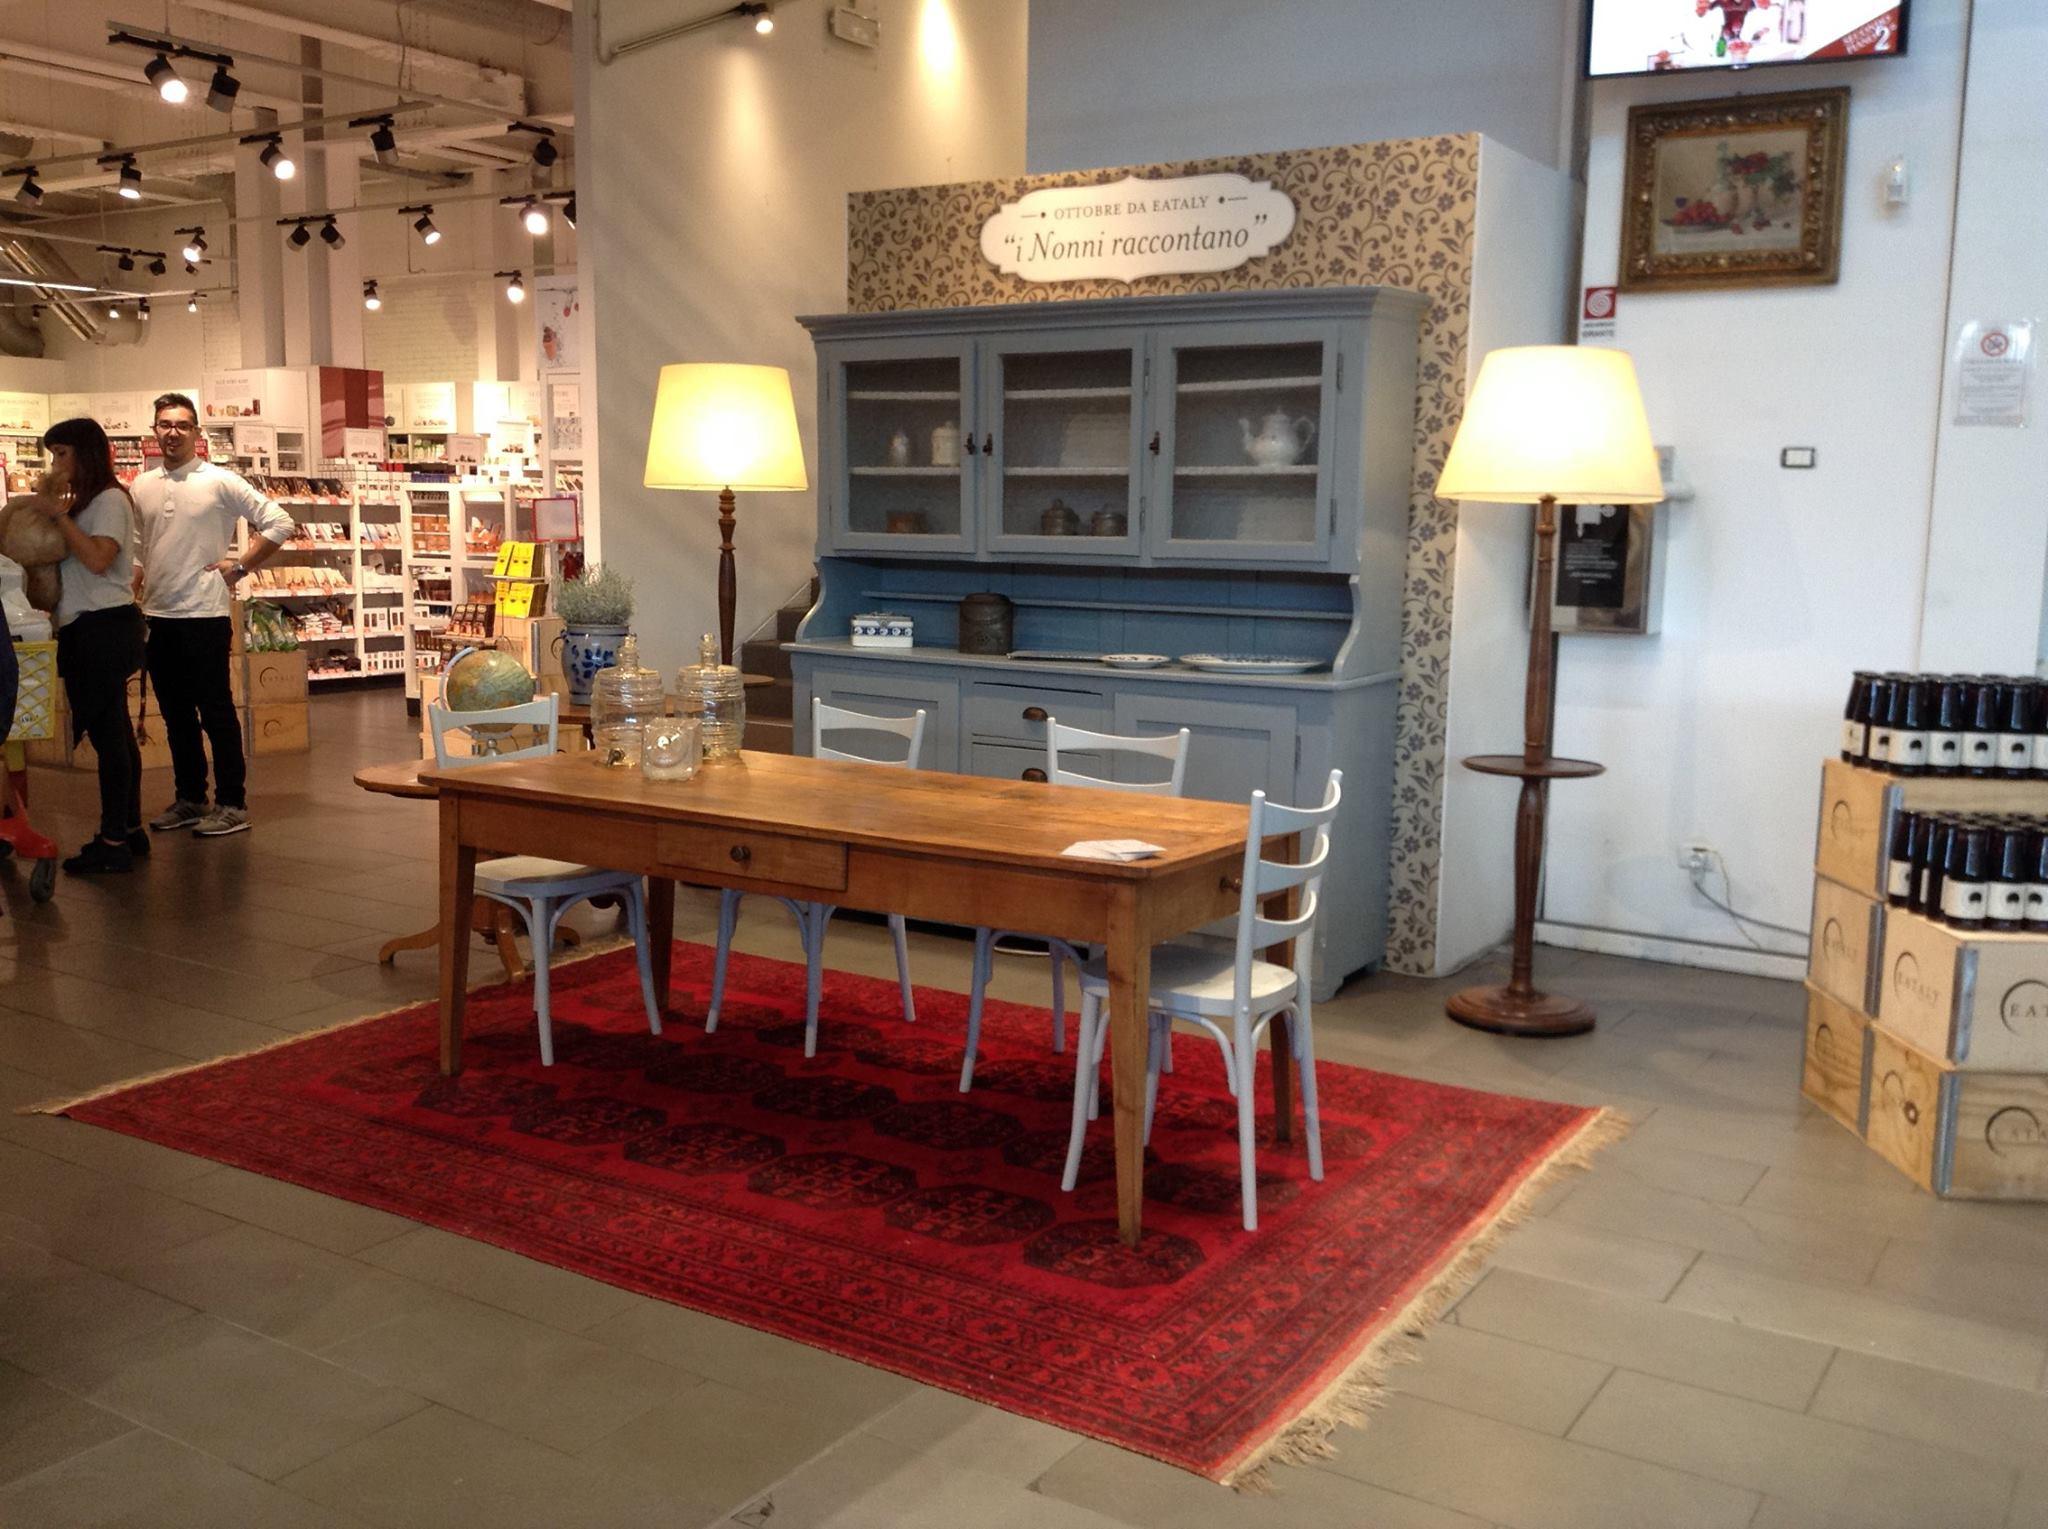 Magazzini ruffi antiquariato e restauro roma artigiana for Grandi magazzini mobili